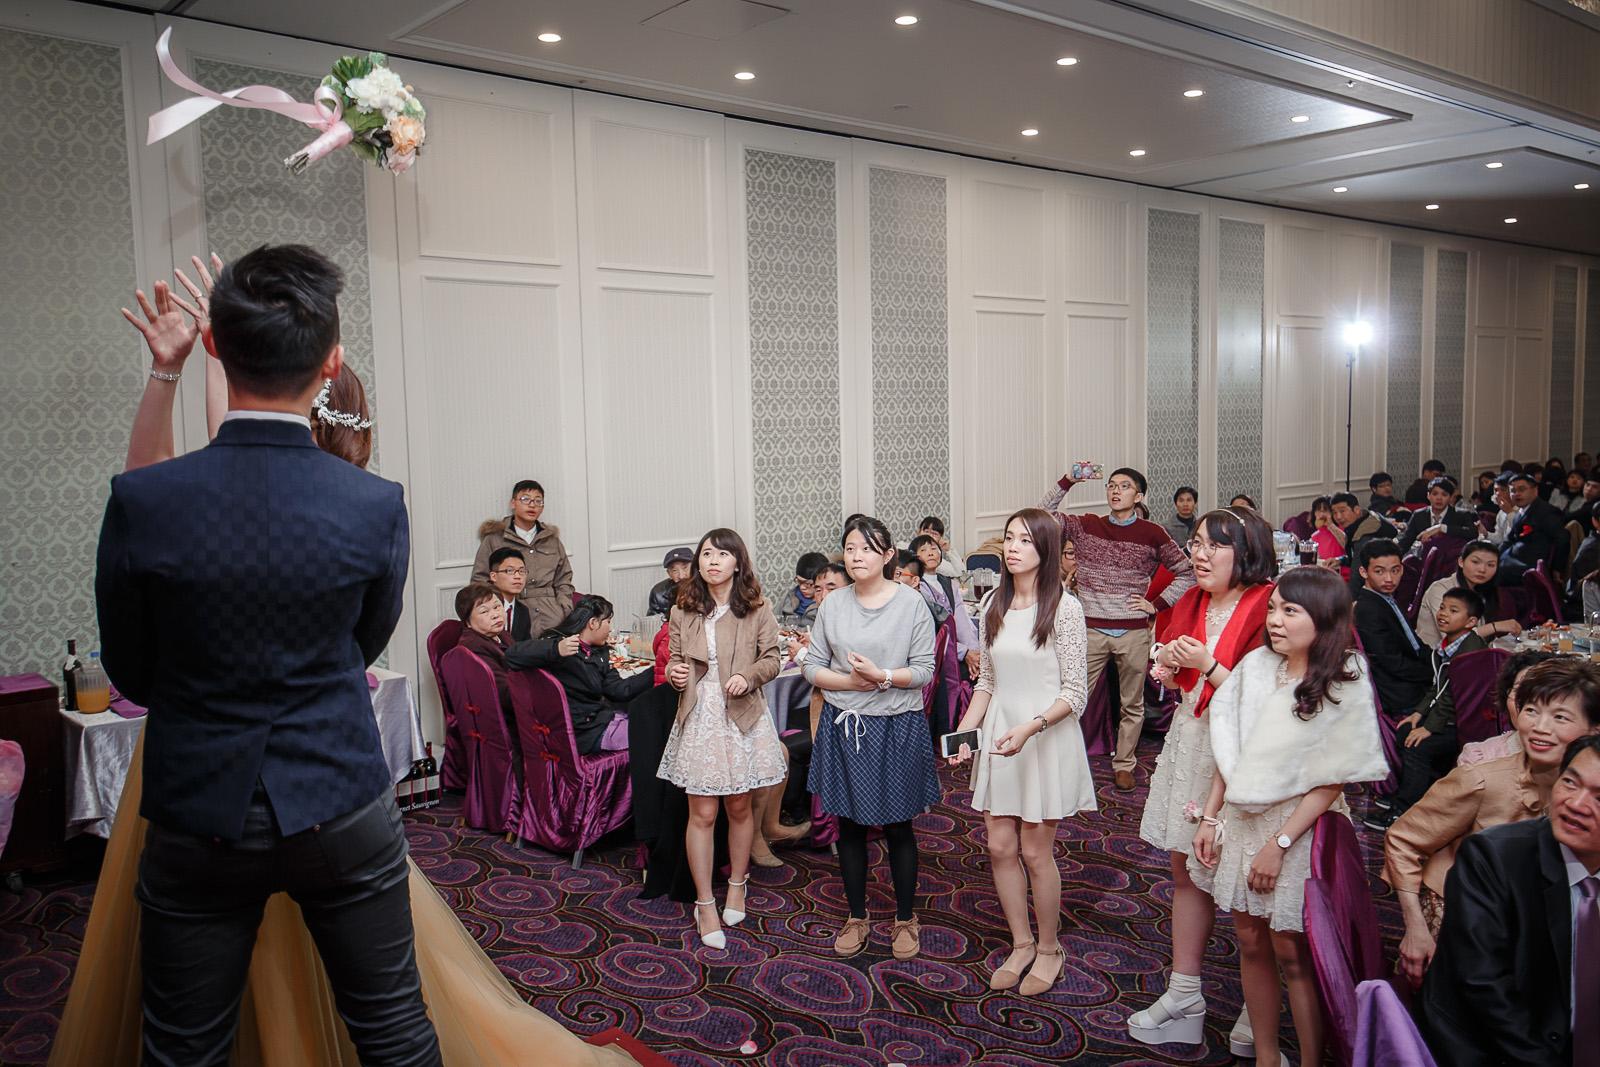 高雄圓山飯店,婚禮攝影,婚攝,高雄婚攝,優質婚攝推薦,Jen&Ethan-304